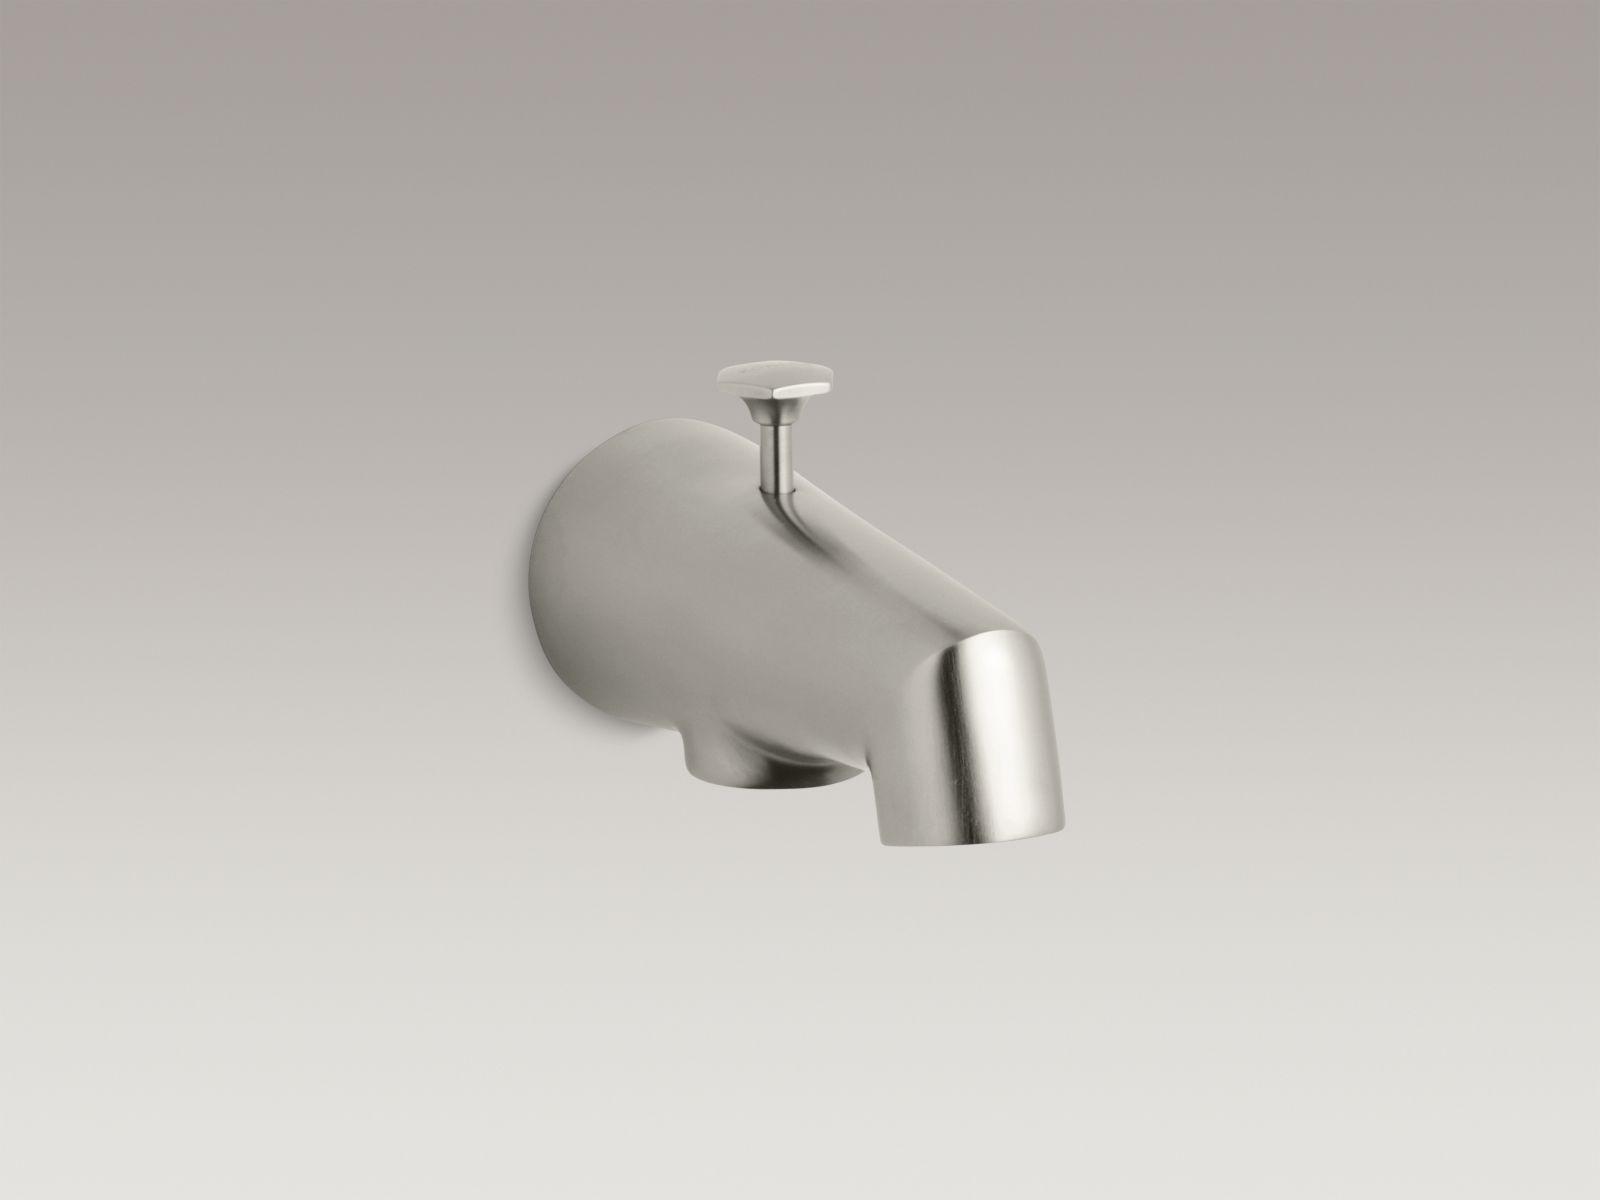 """Kohler K-6855-BN Standard Wall-mounted 5"""" Diverter Bathtub Spout with Disc-shaped Knob Vibrant Brushed Nickel"""